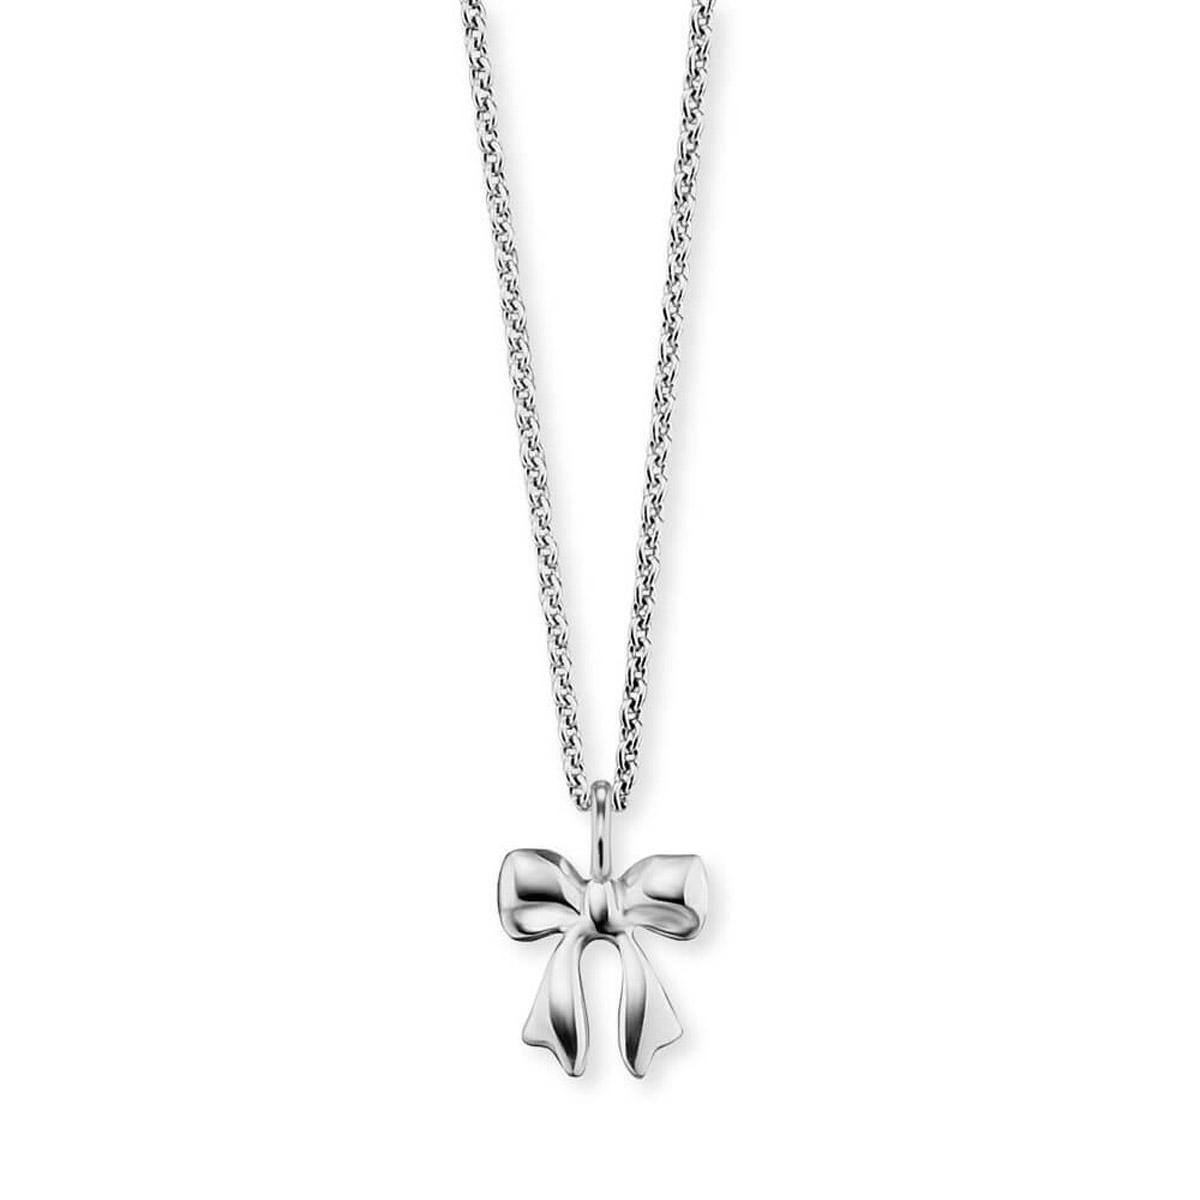 bei Uhrcenter: Herzengel HEN-BOW Kinder-Halskette Schleife - Schmuck